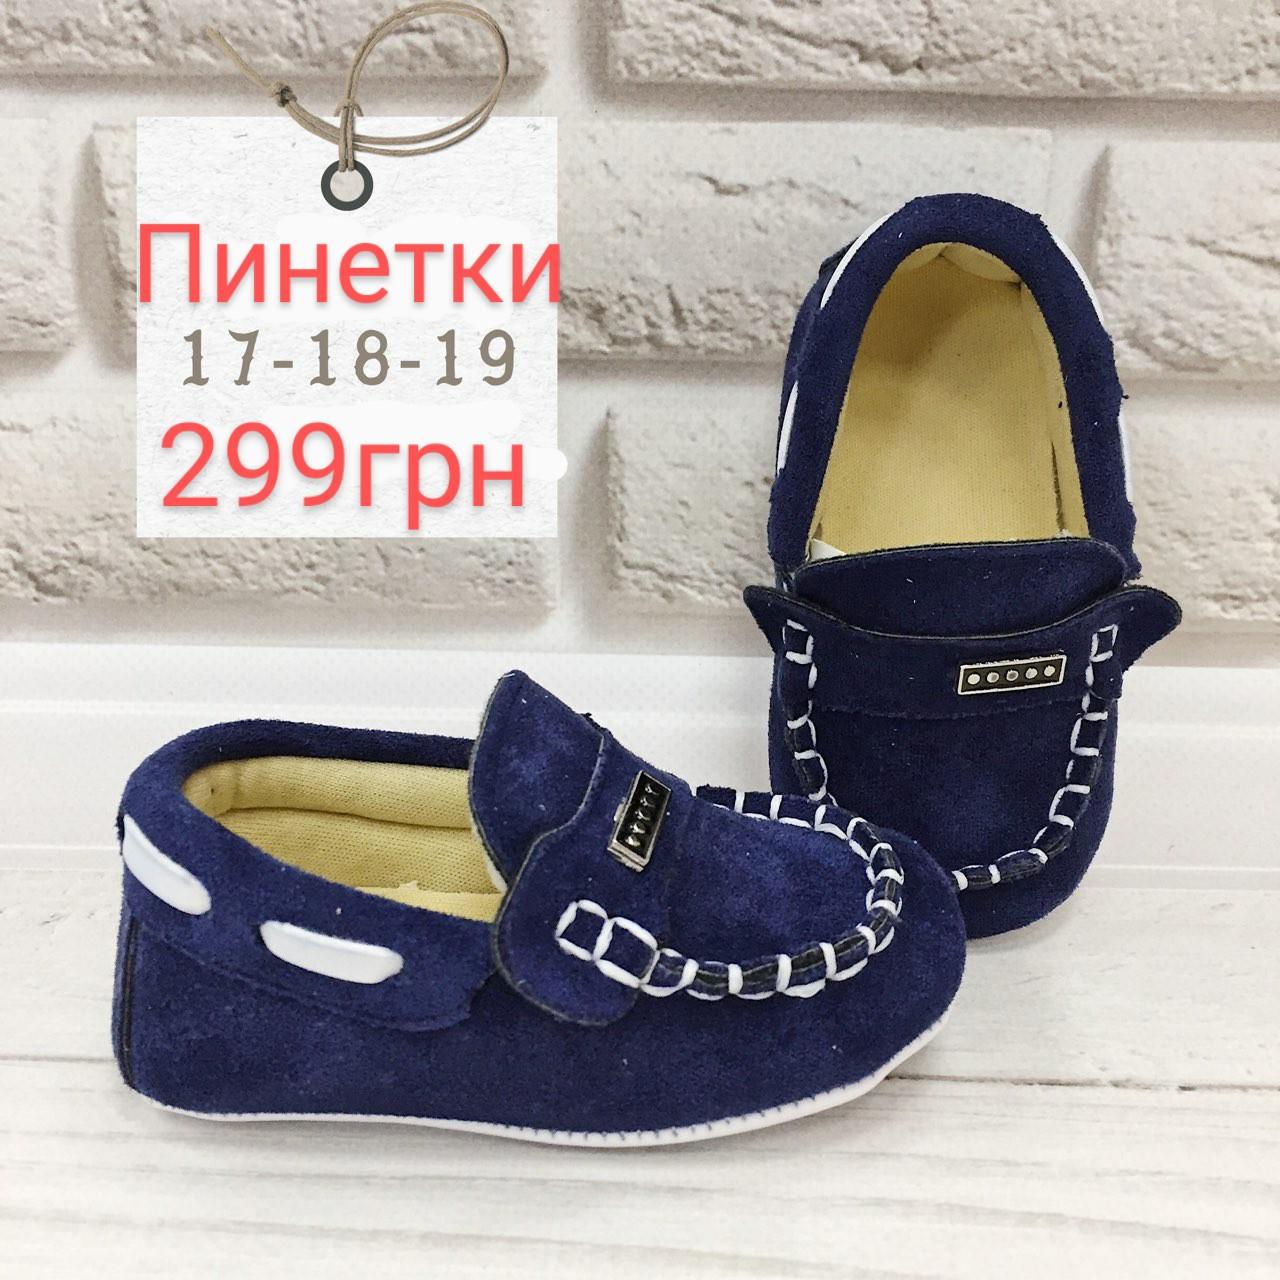 Пинетки для новорожденного (мокасины туфли синие)